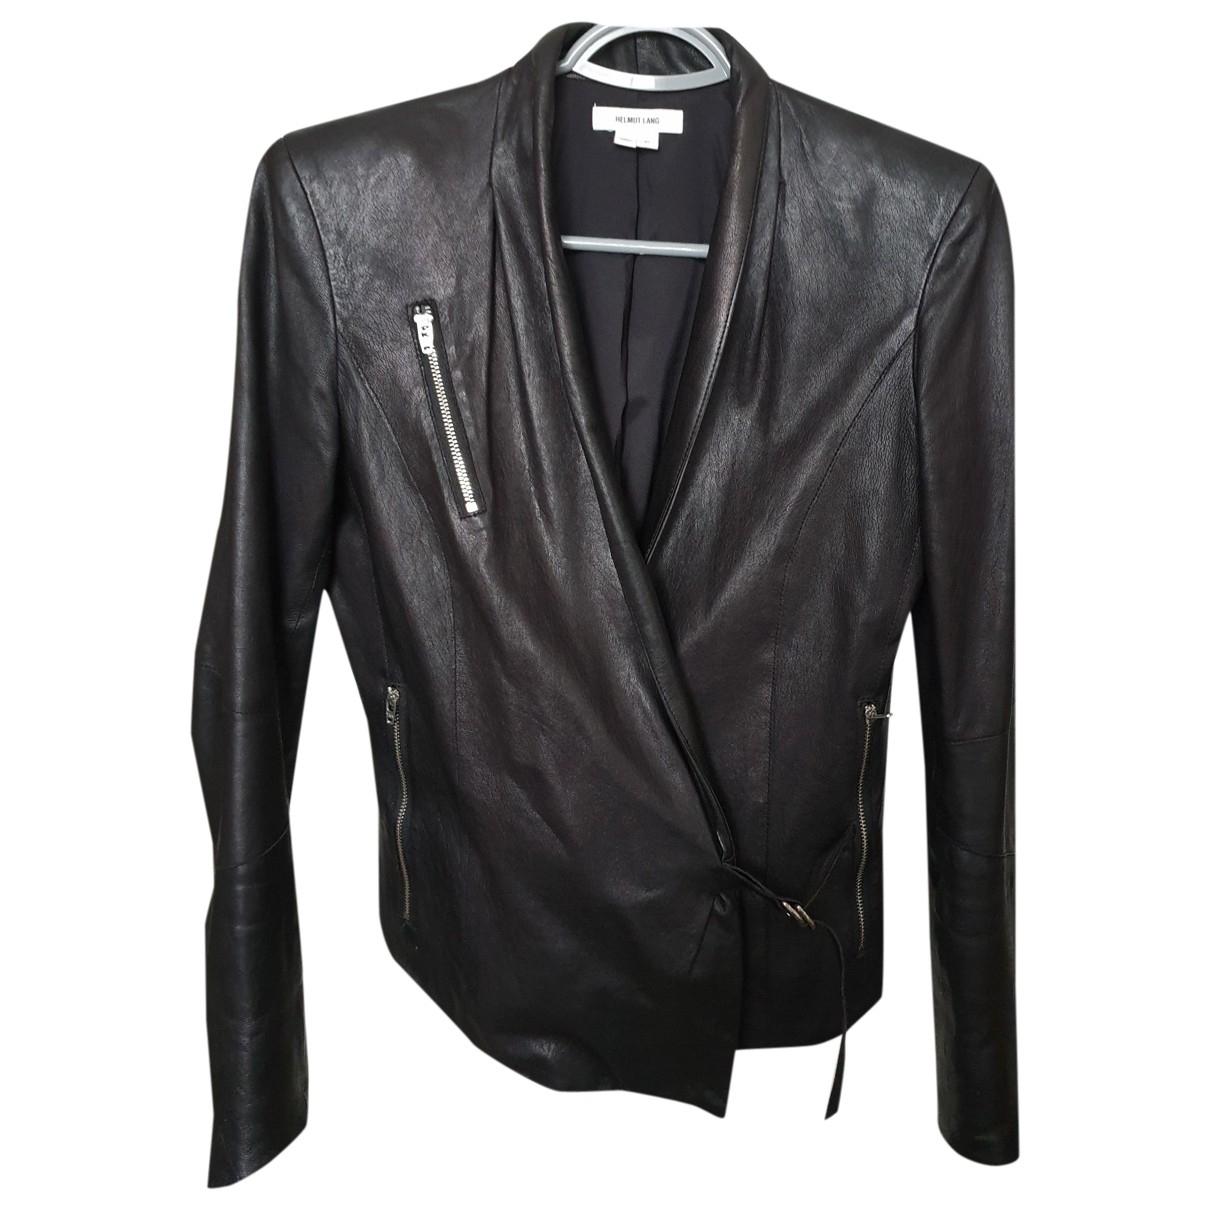 Helmut Lang \N Black Leather jacket for Women 36 FR